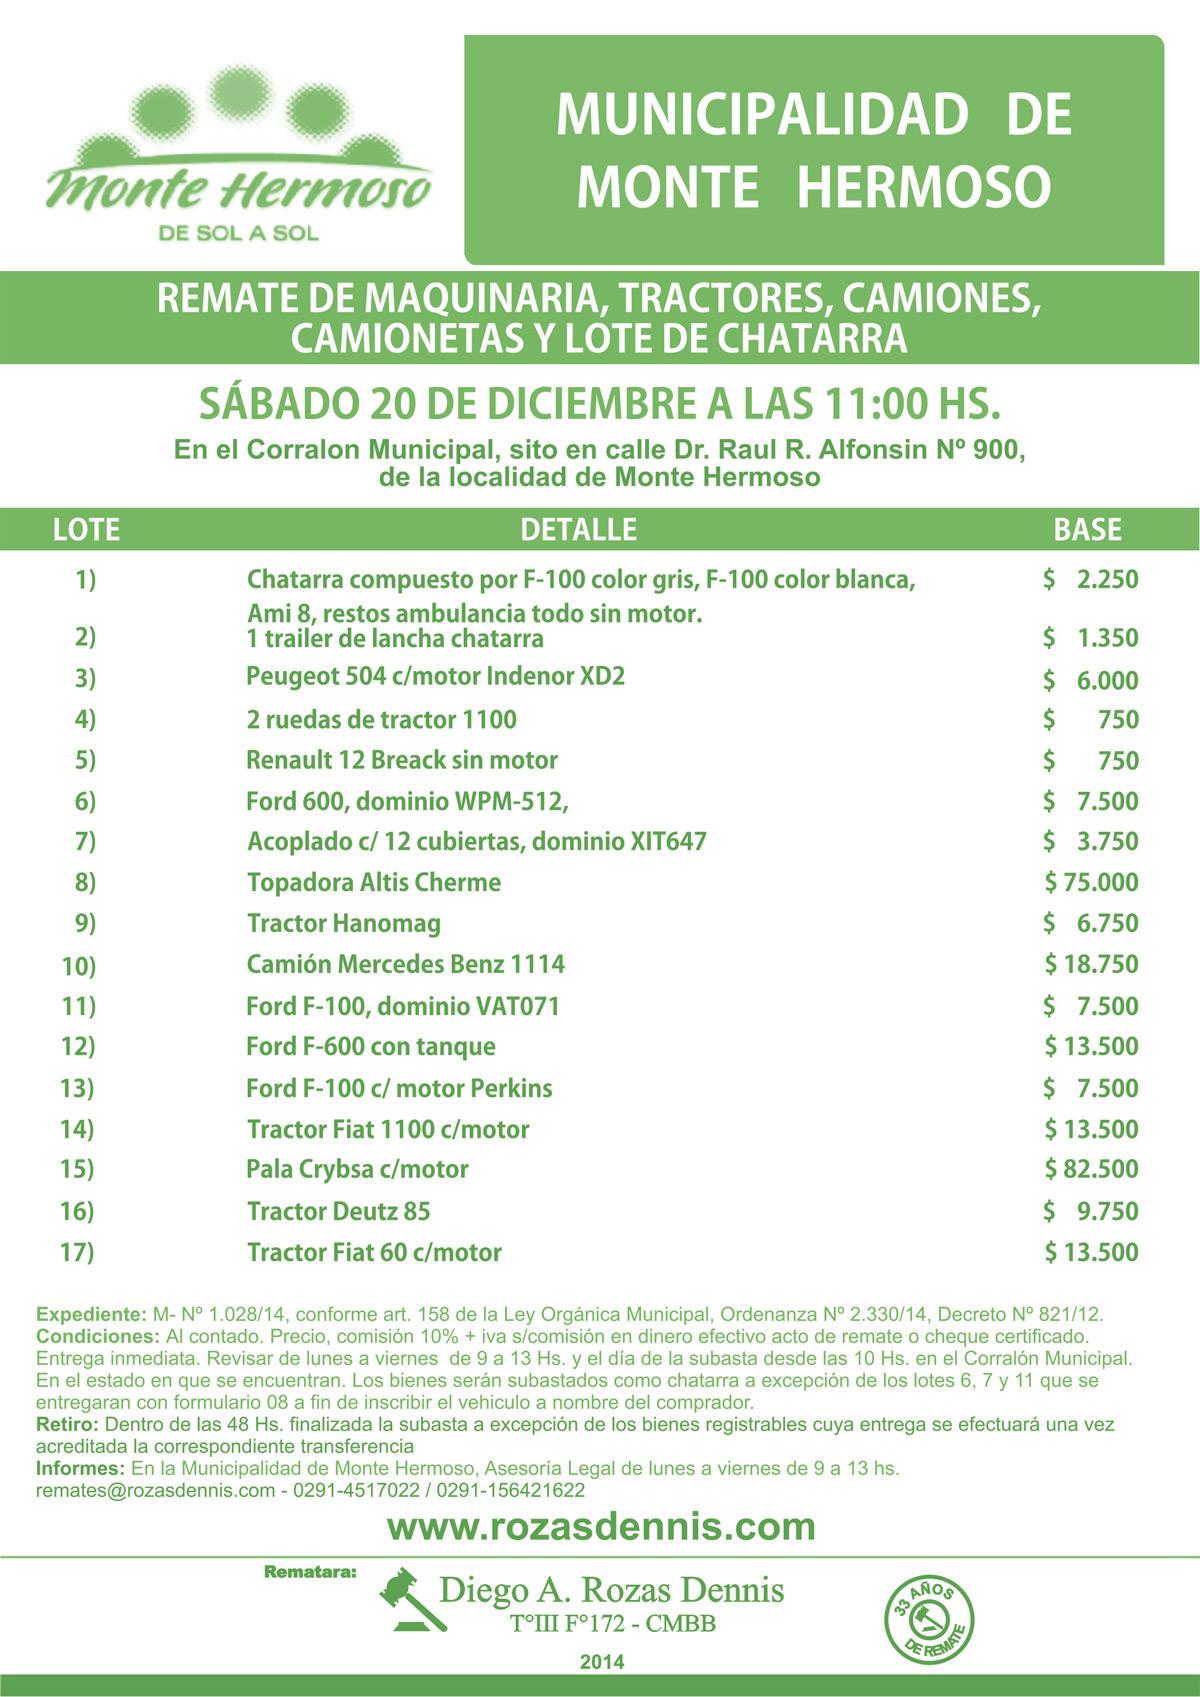 Remate Chatarra y Maquinarias en Monte Hermoso